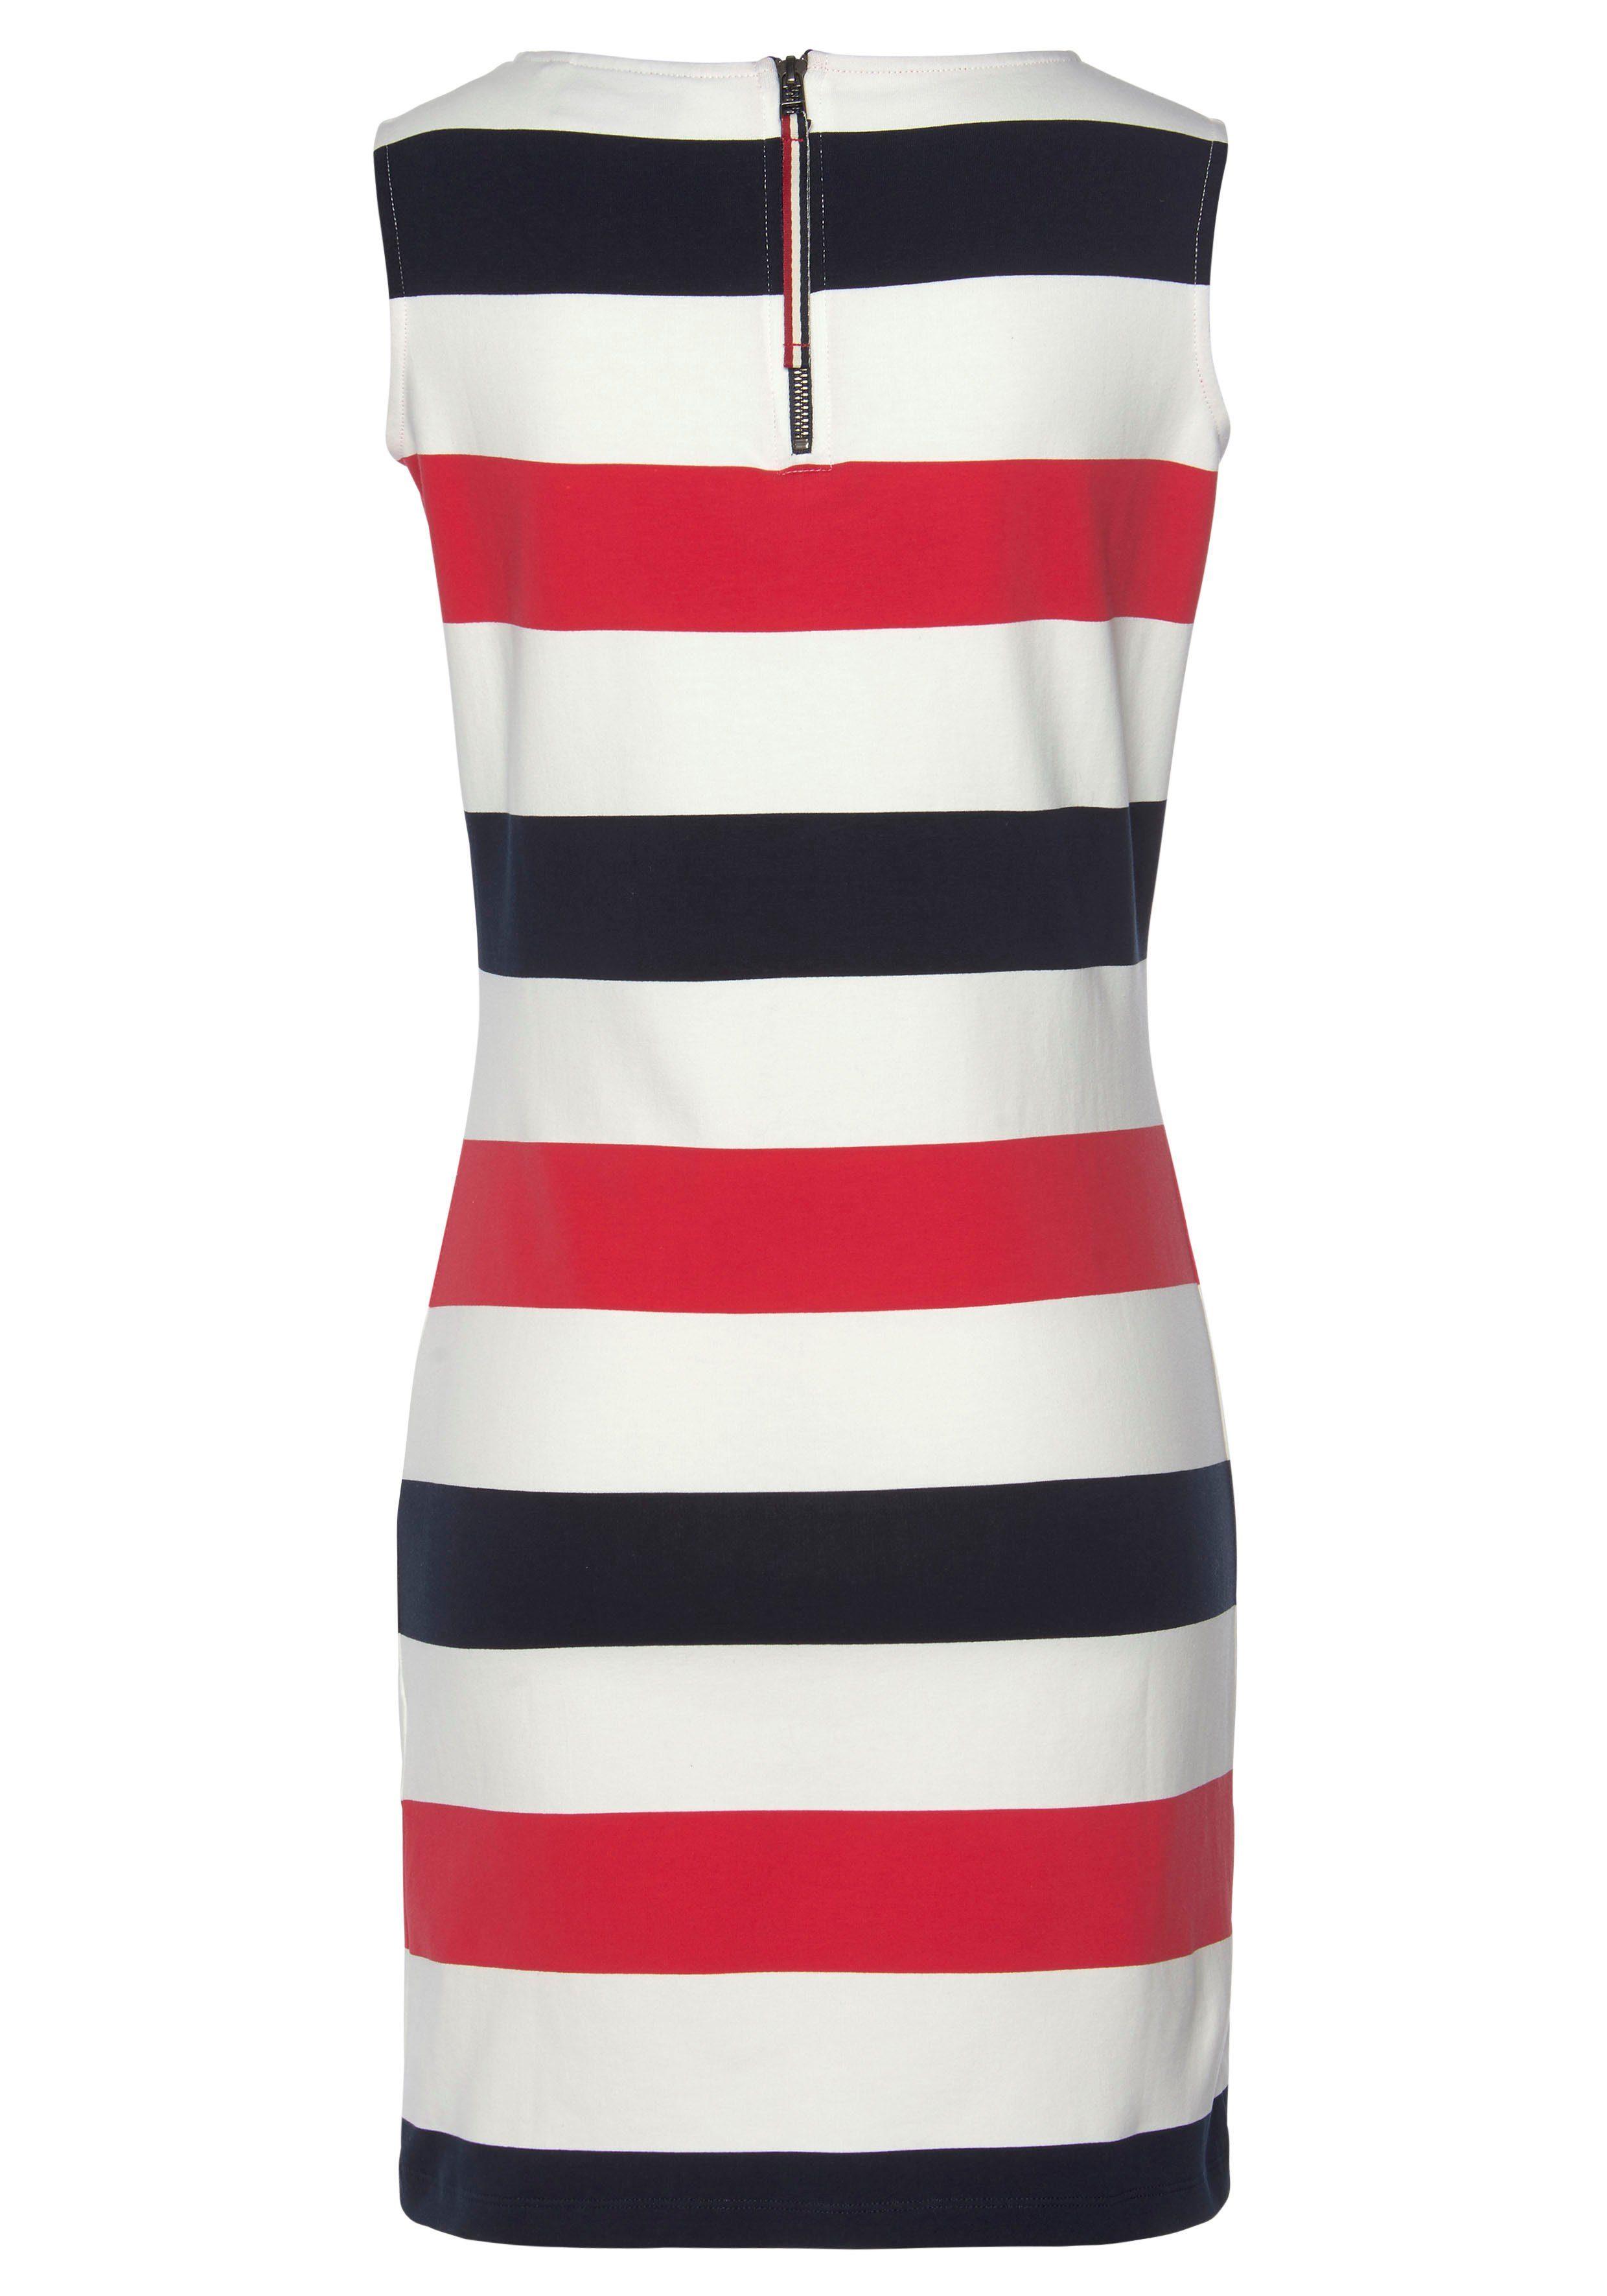 Sea Ranch Sweatkleid Brittany, Blockstreifen-Kleid, ärmellos